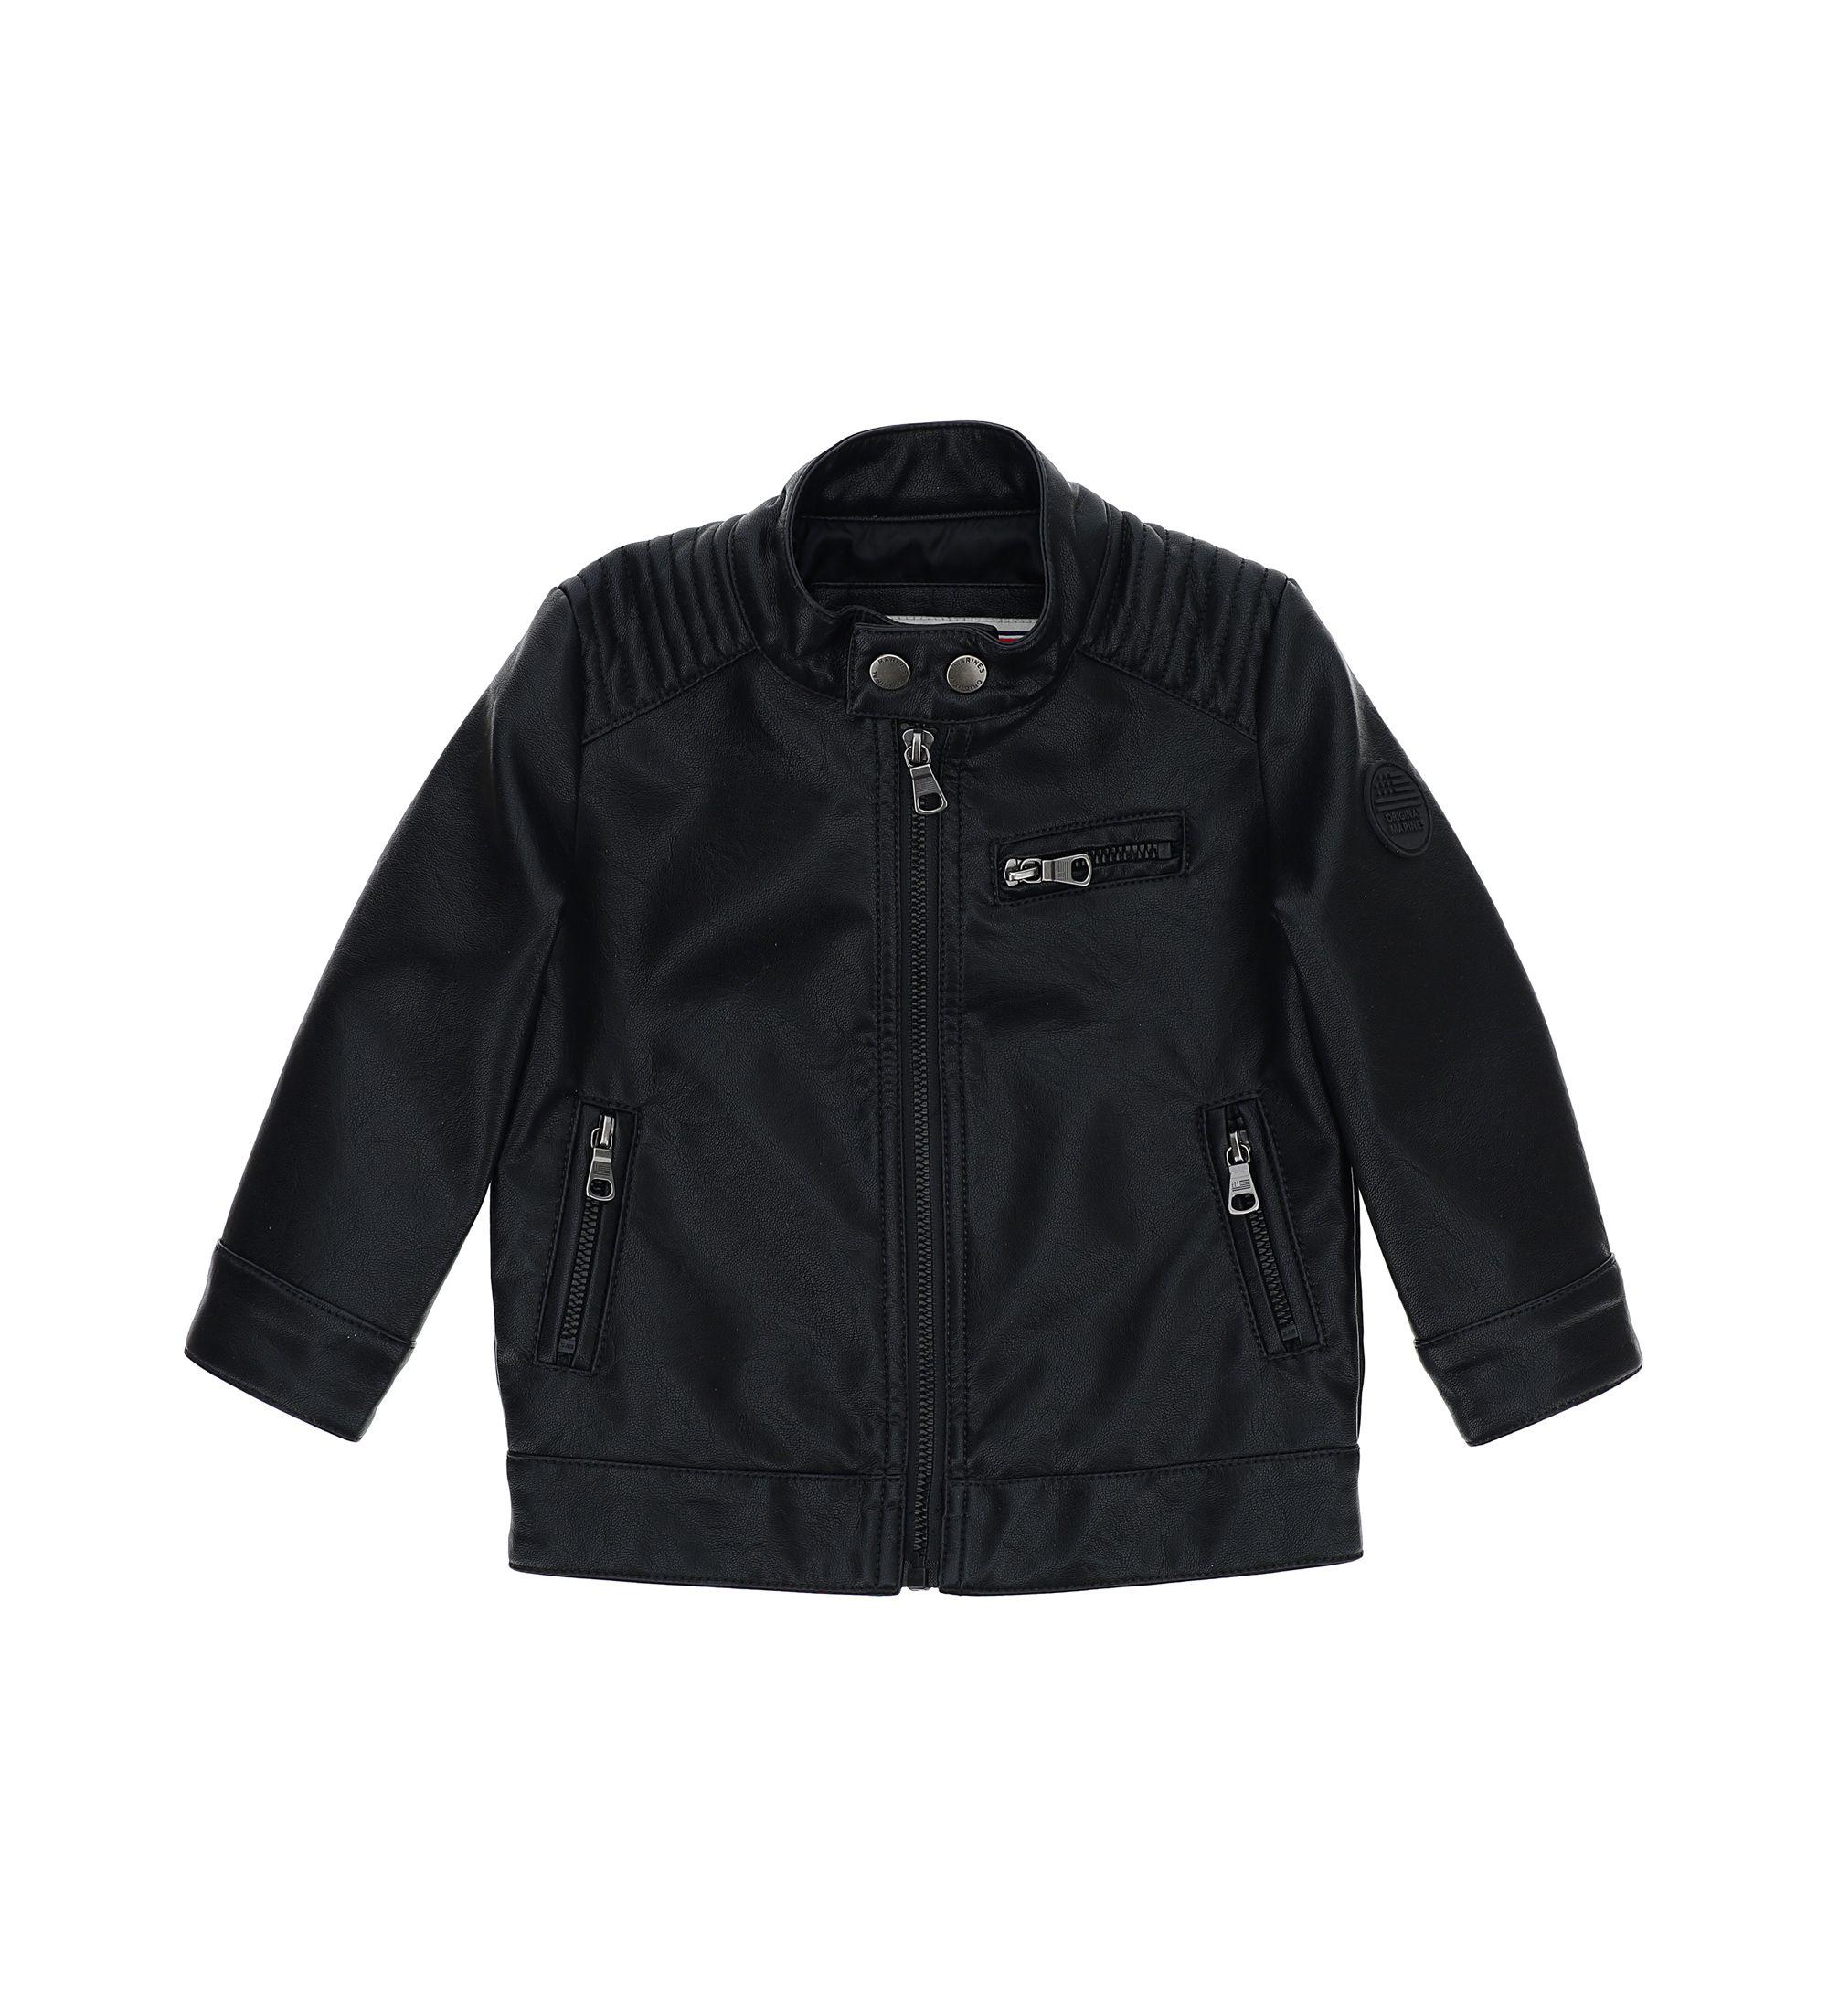 Купить Куртка, экокожа Original Marines, черный, 80, Мальчики, весна